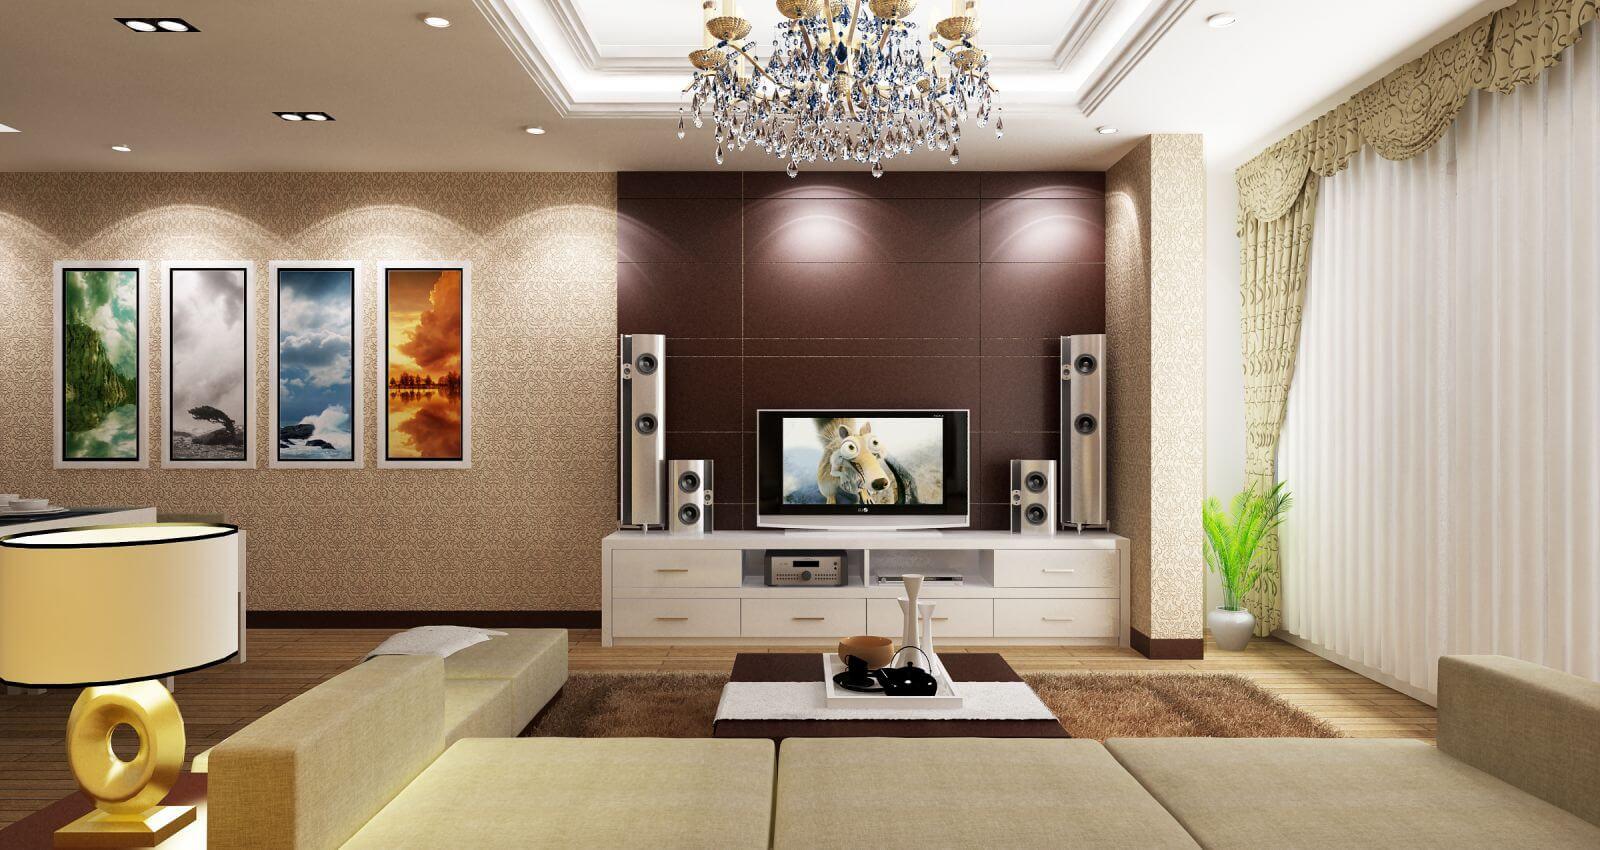 Gợi ý cách thiết kế nội thất chung cư cũ trở nên đẹp mắt mới lạ